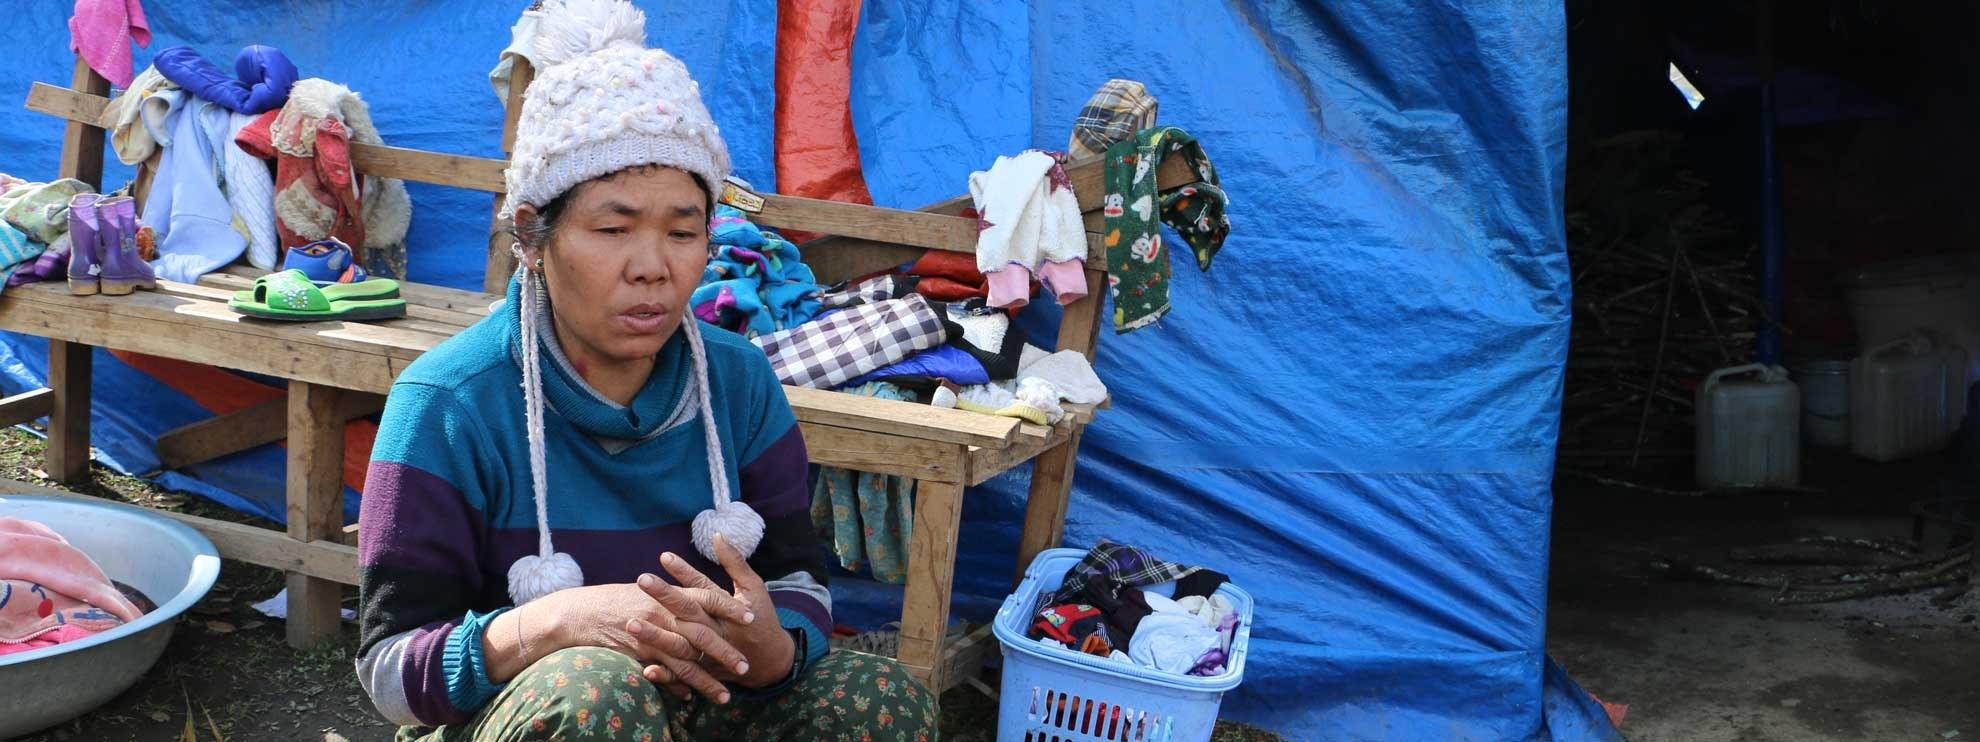 Six ans après son expulsion de son village en 2011, Labang Ja San est toujours coincée dans le camp de réfugiés de Sha It Yang IDP dans l'Etat de Kachin. © AI